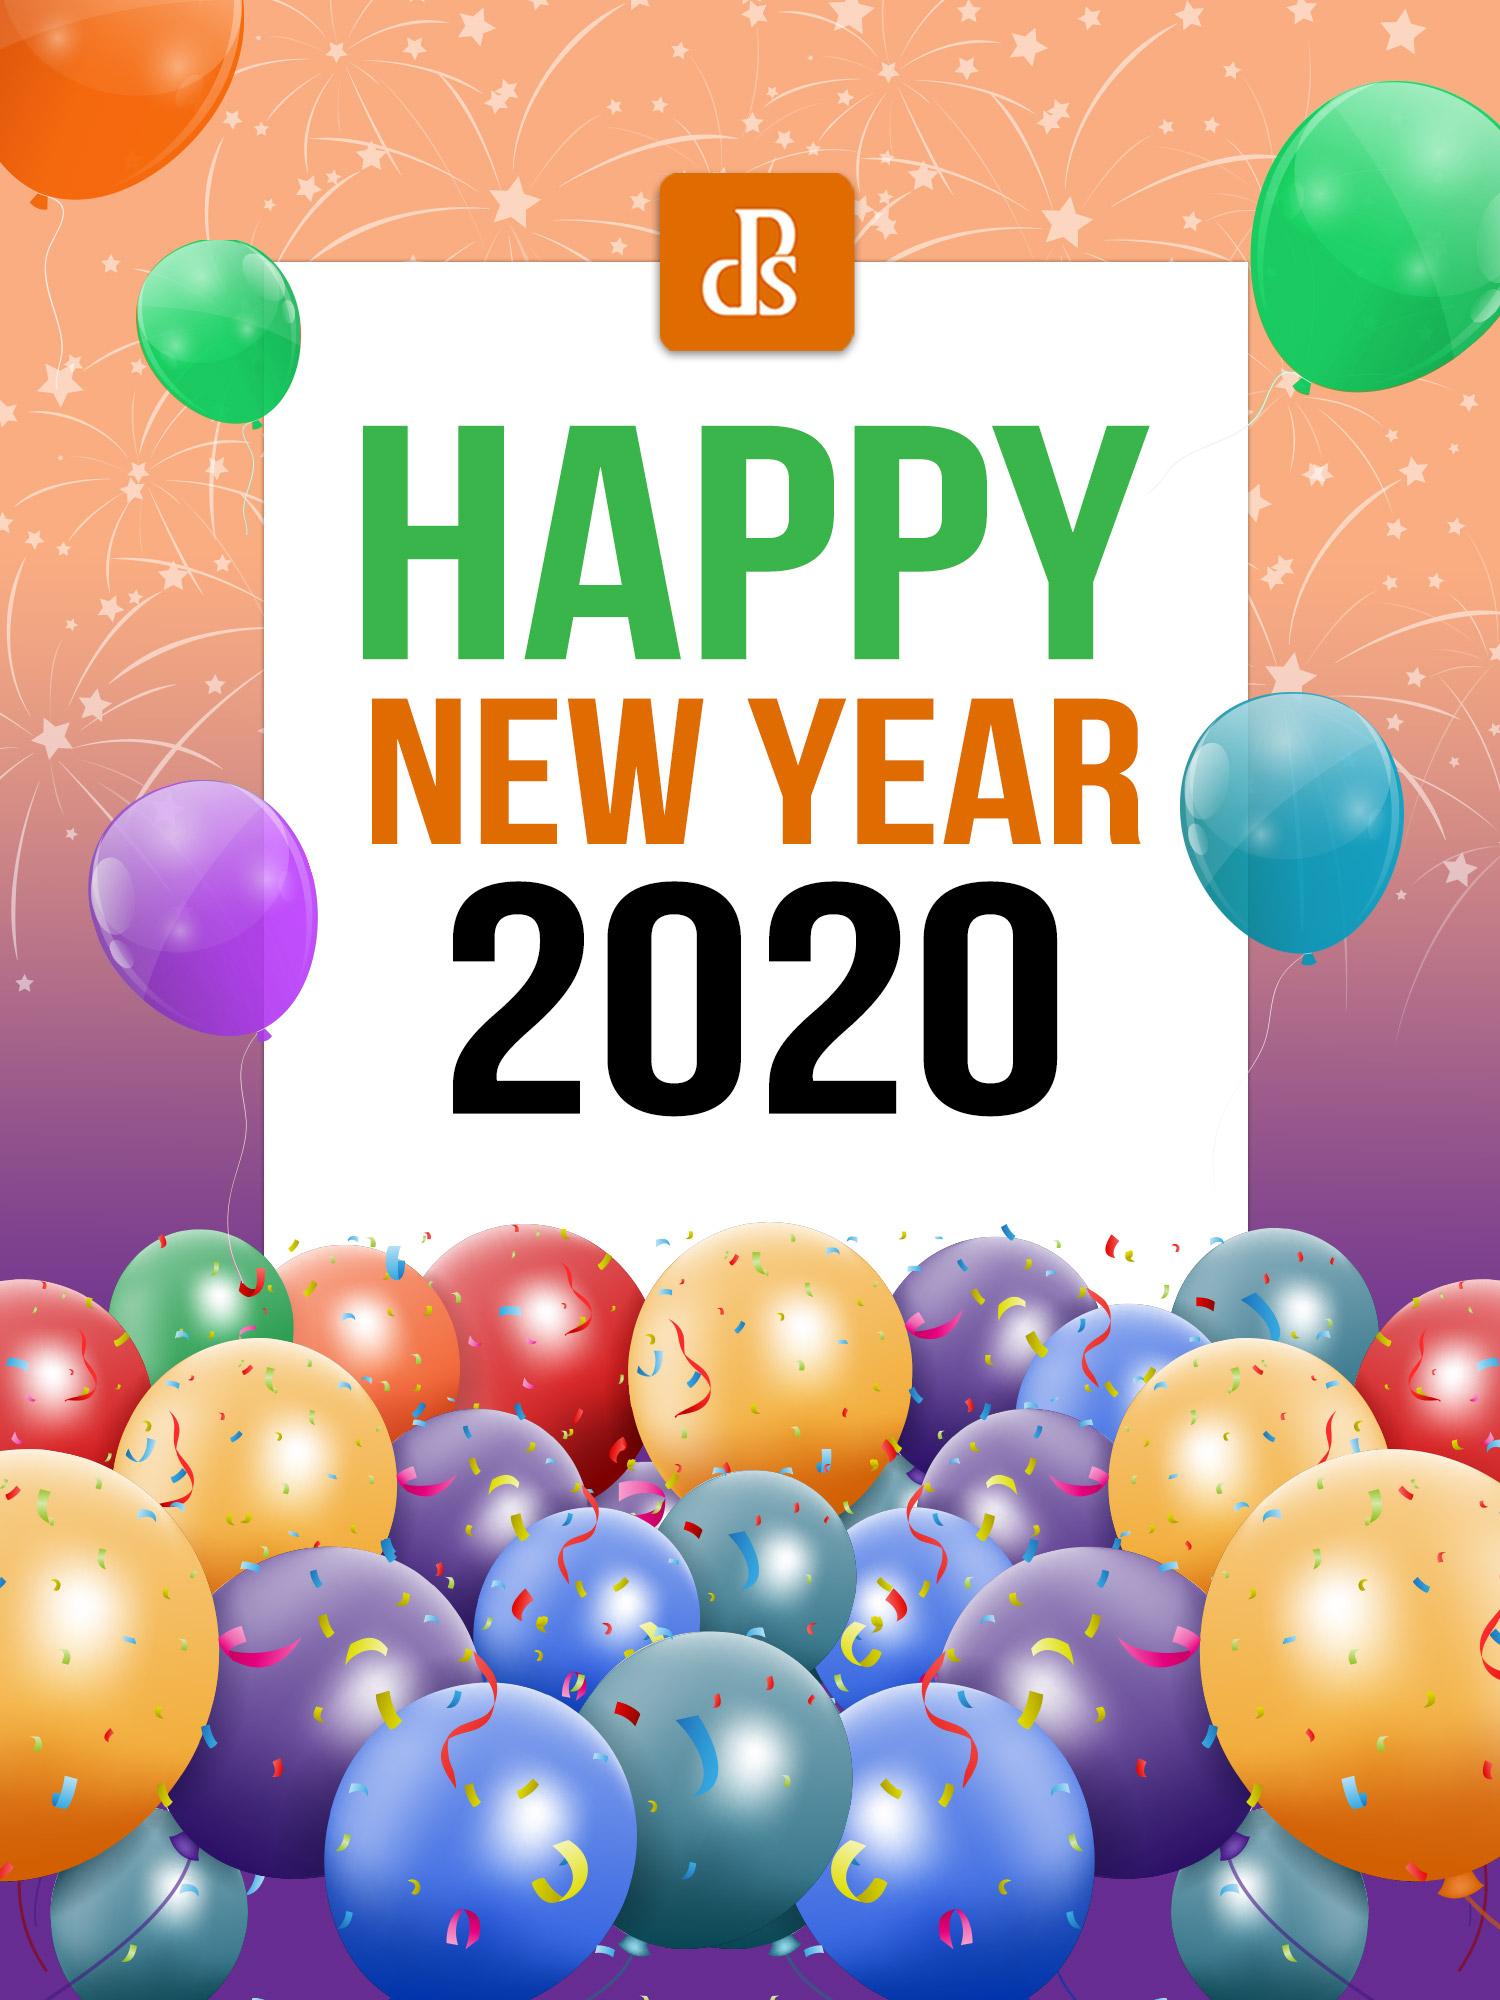 happy-new-year-2020-dps